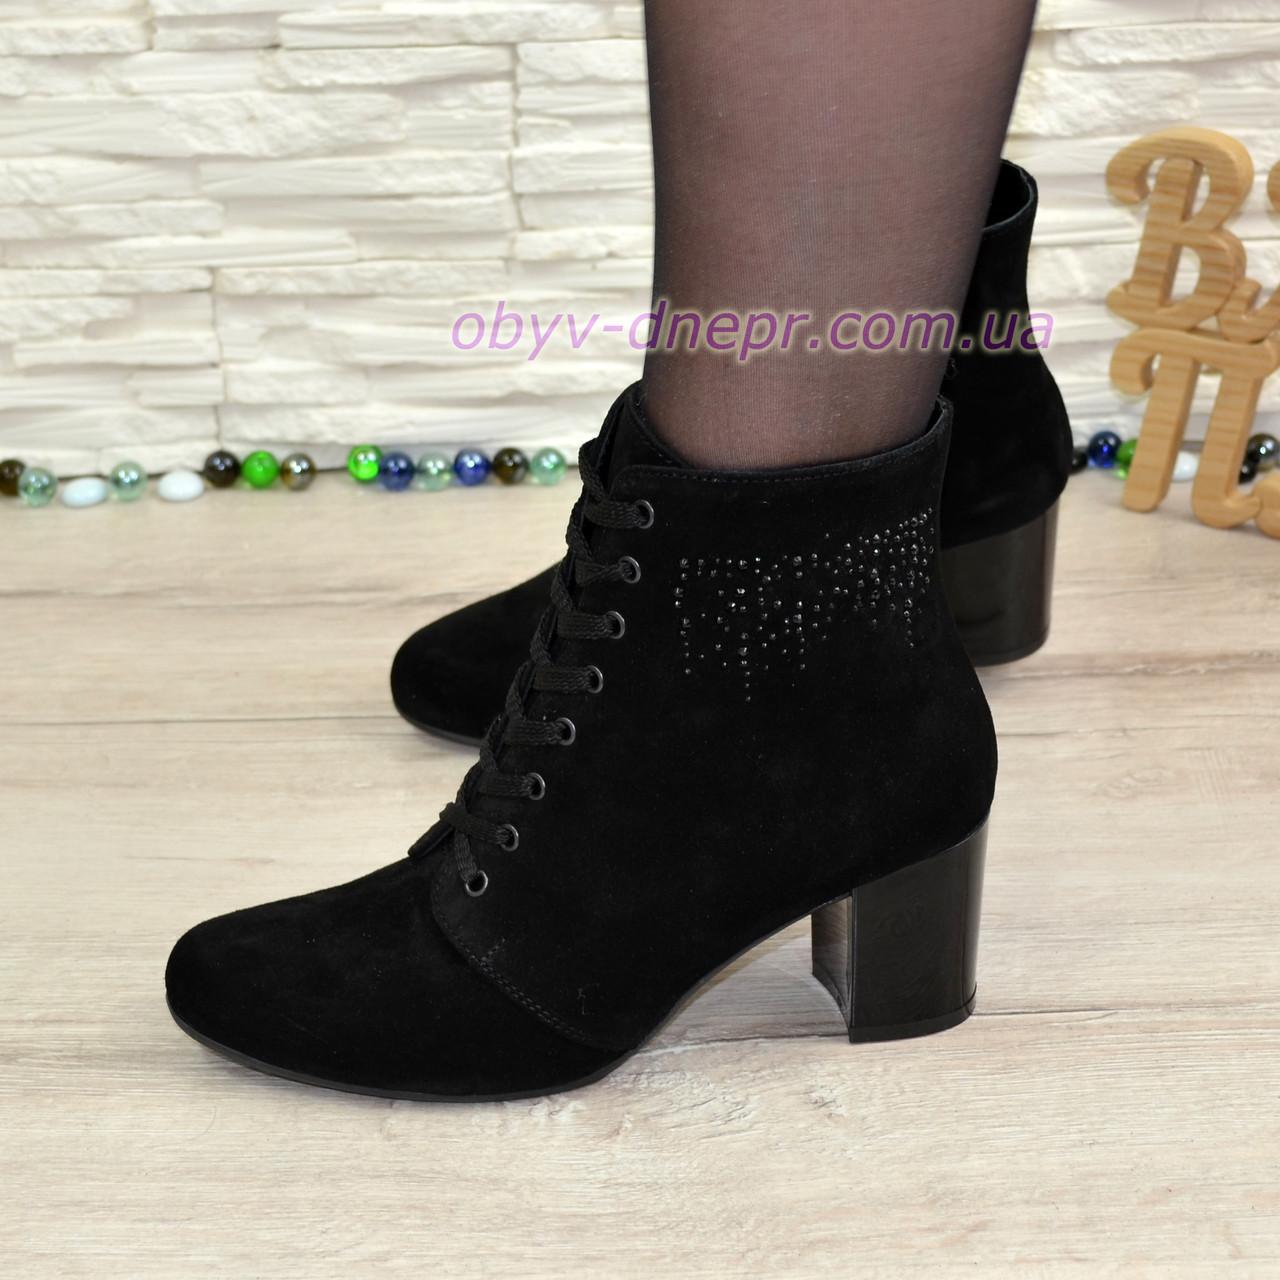 aab0e06e3 Ботинки женские замшевые зимние на устойчивом каблуке, декорированы  накаткой камней.